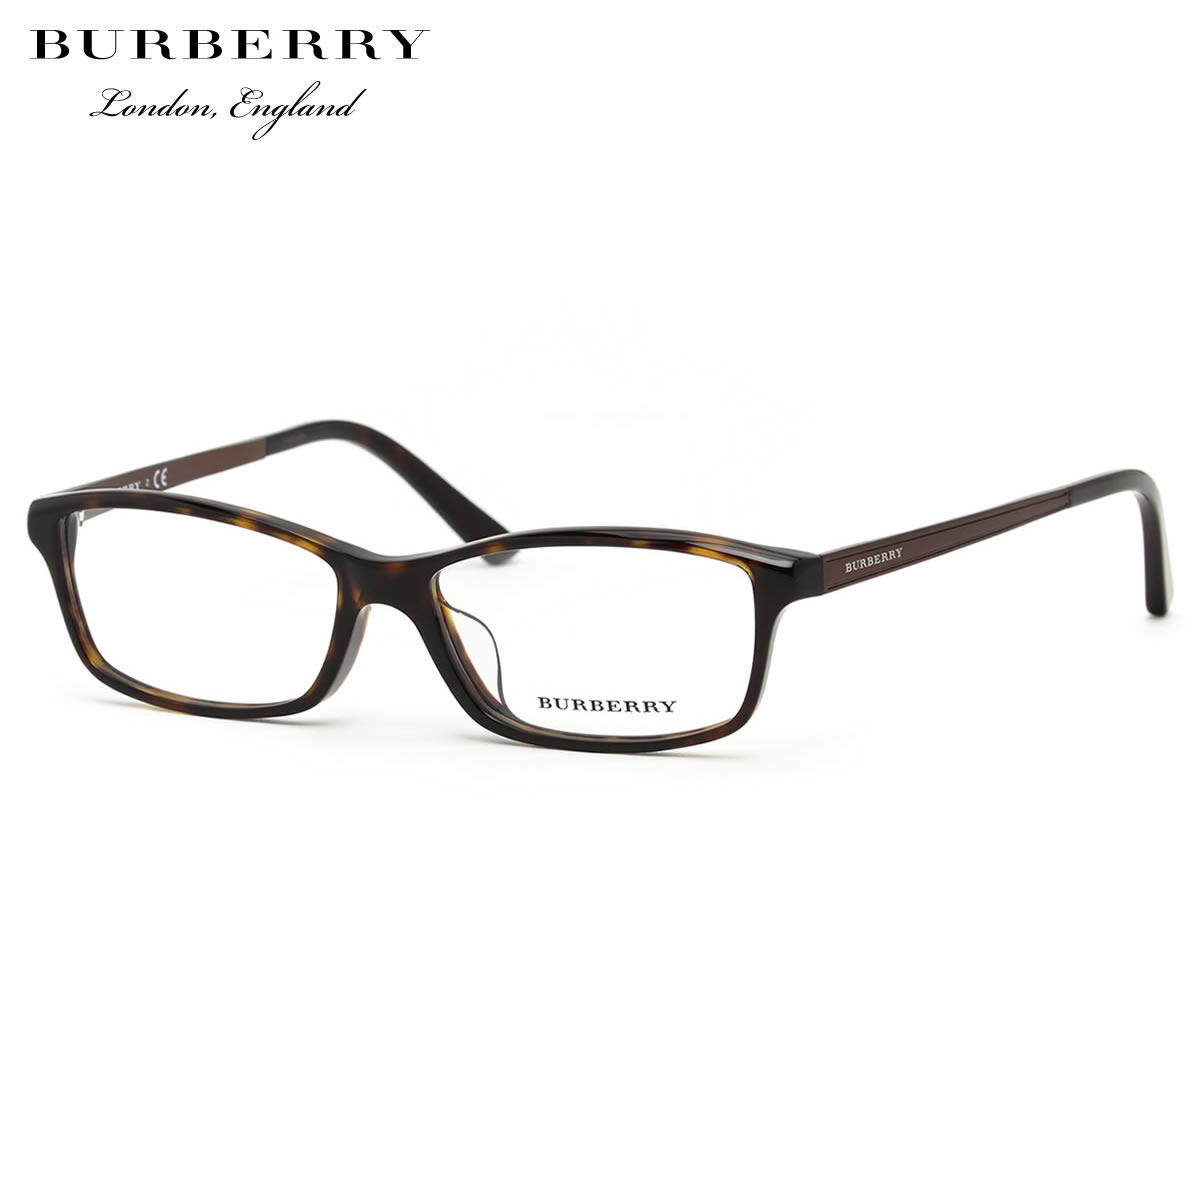 ほぼ全品ポイント15倍~最大43倍+3倍!お得なクーポンも! 【BURBERRY】(バーバリー) メガネ BURBERRY BE2217D 3002 55サイズ スクエア アジアンフィット バーバリー BURBERRY メンズ レディース